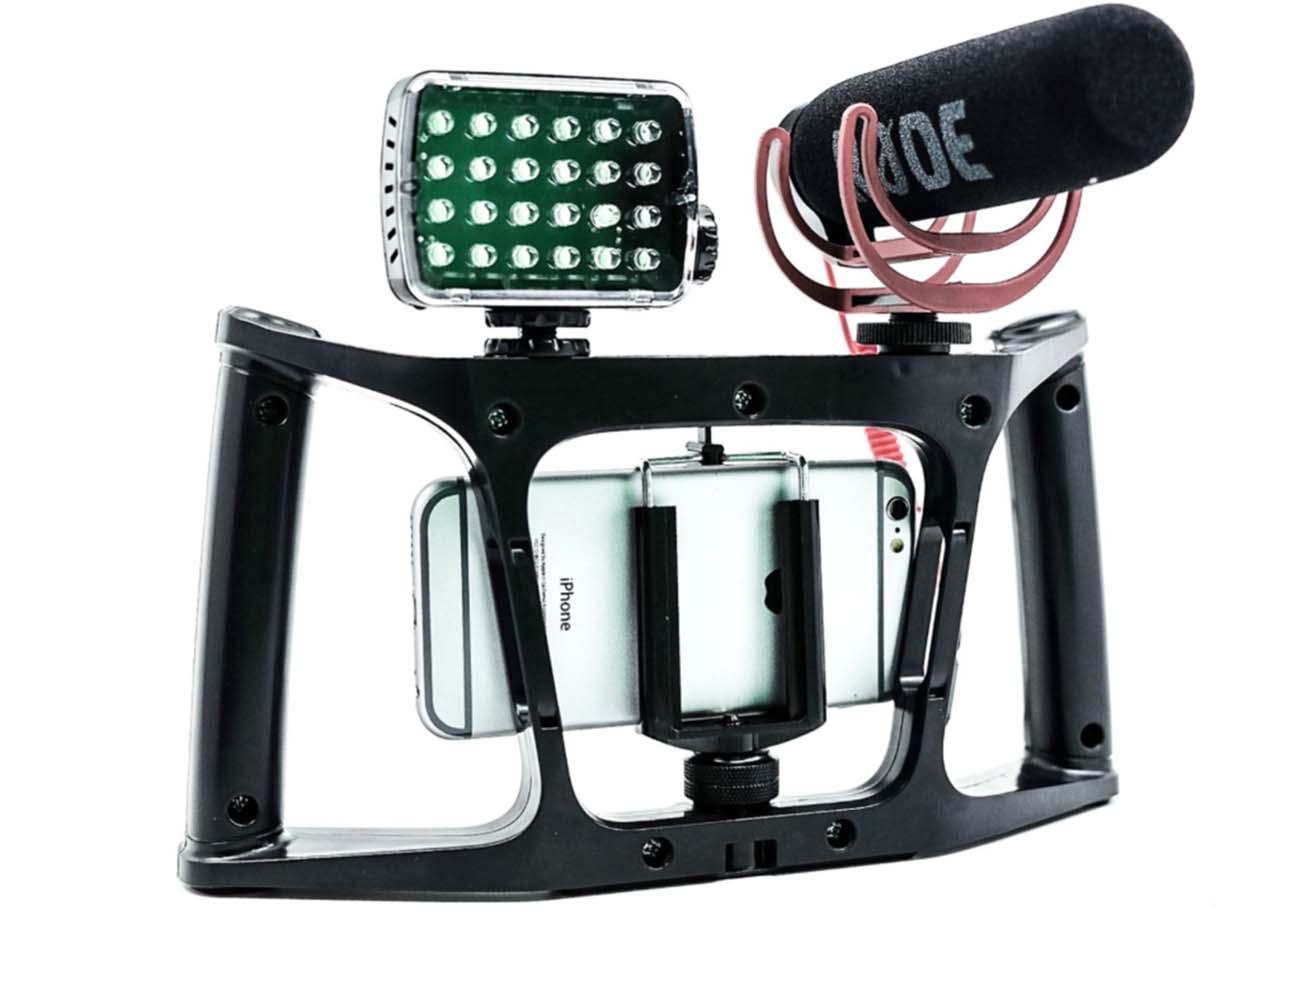 iOgrapher GO For Action Cameras!